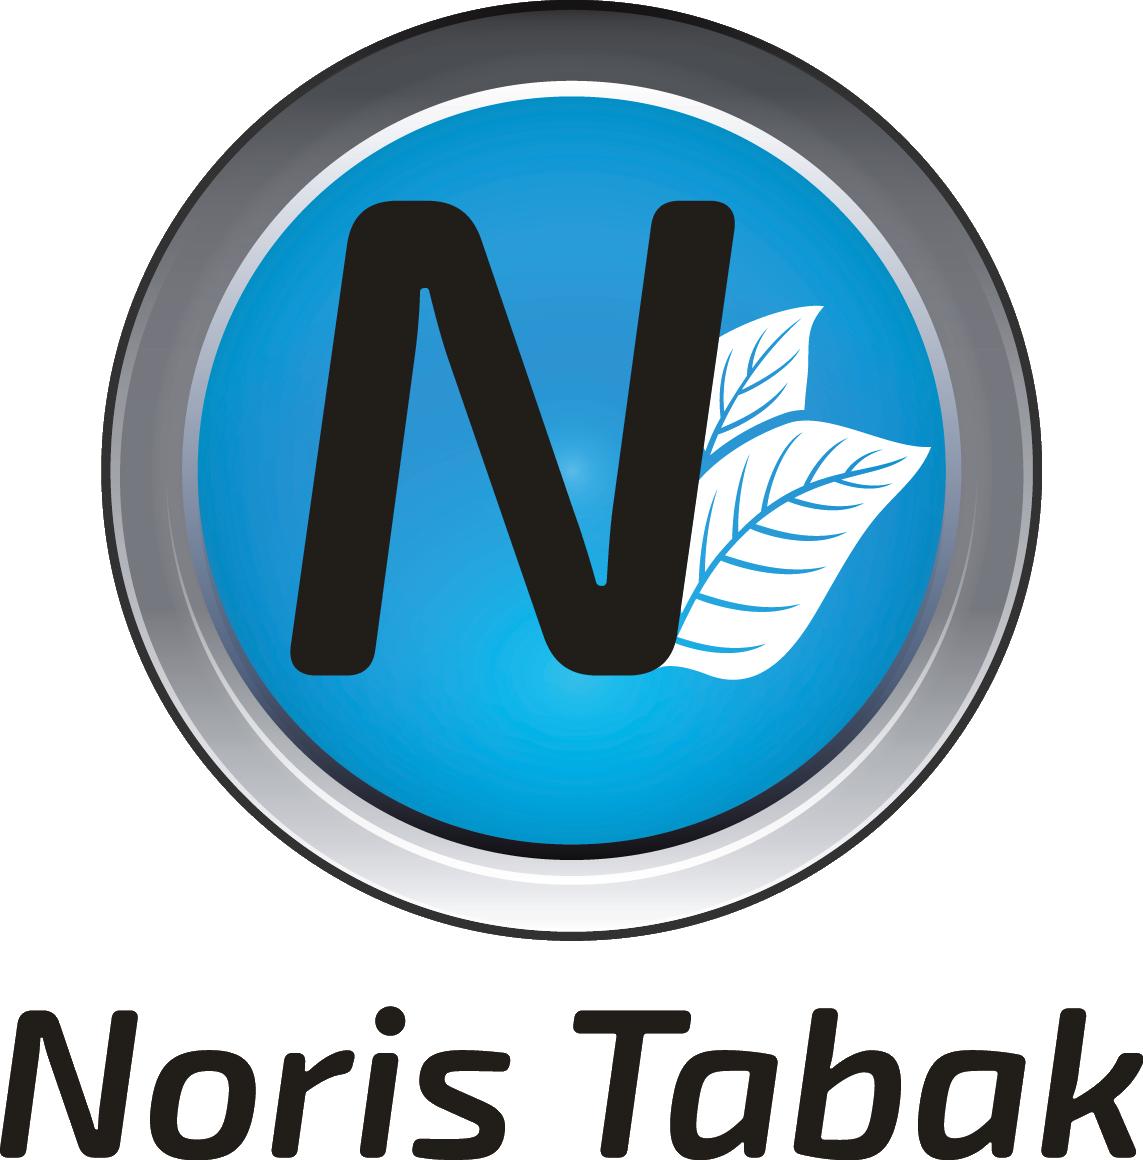 Noris Tabak & Convenience GmbH